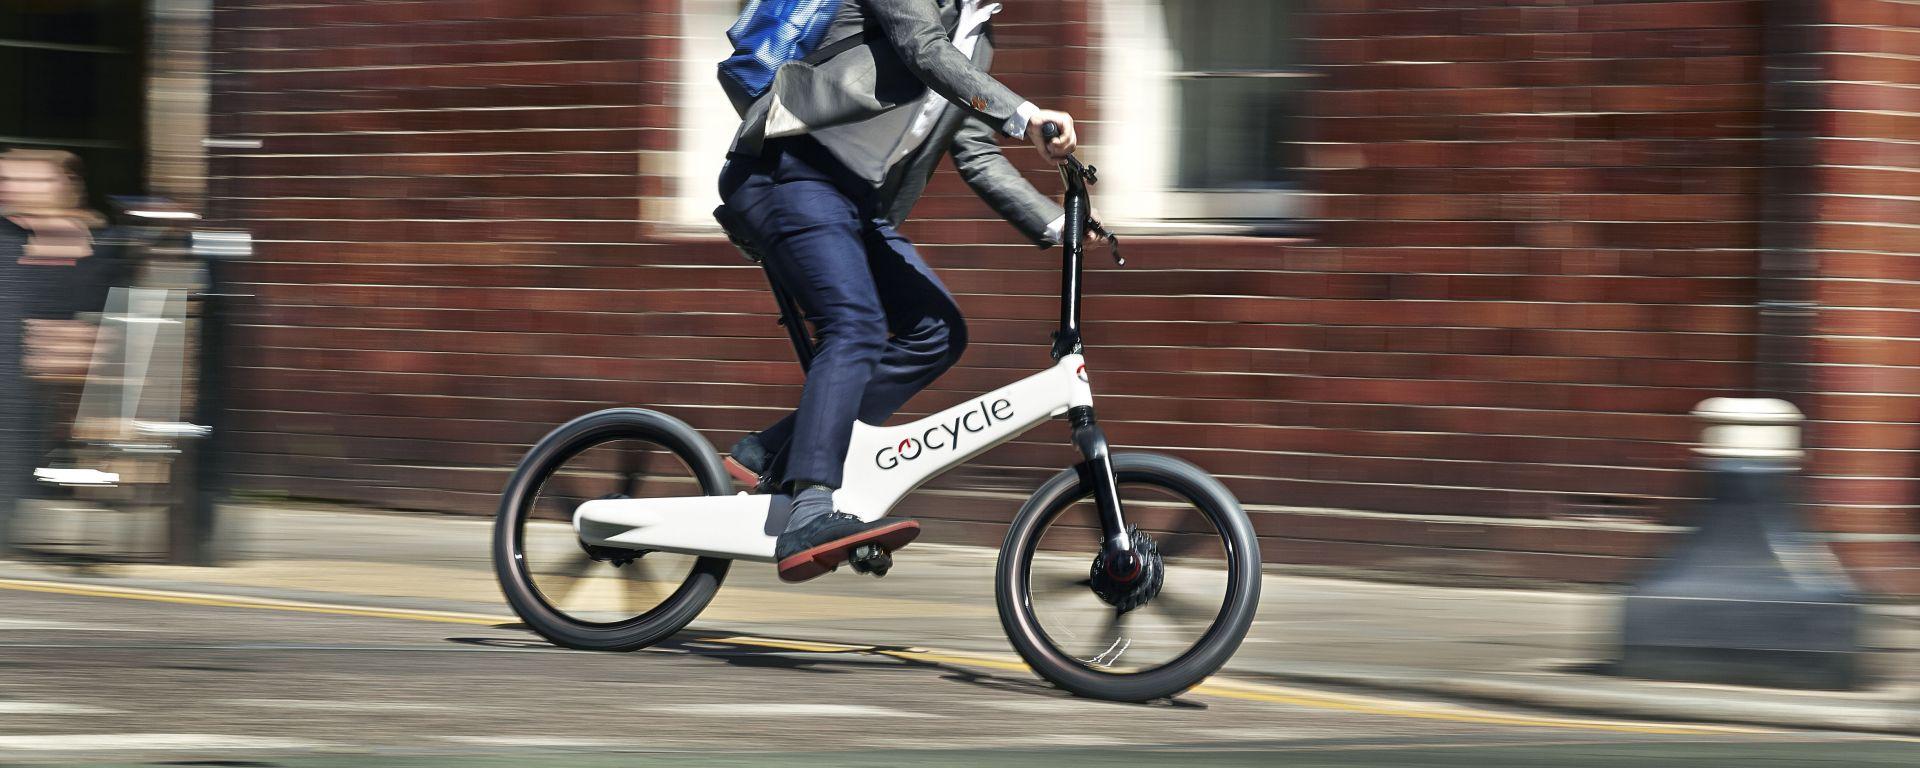 Gocycle G3, e-bike pieghevole da città